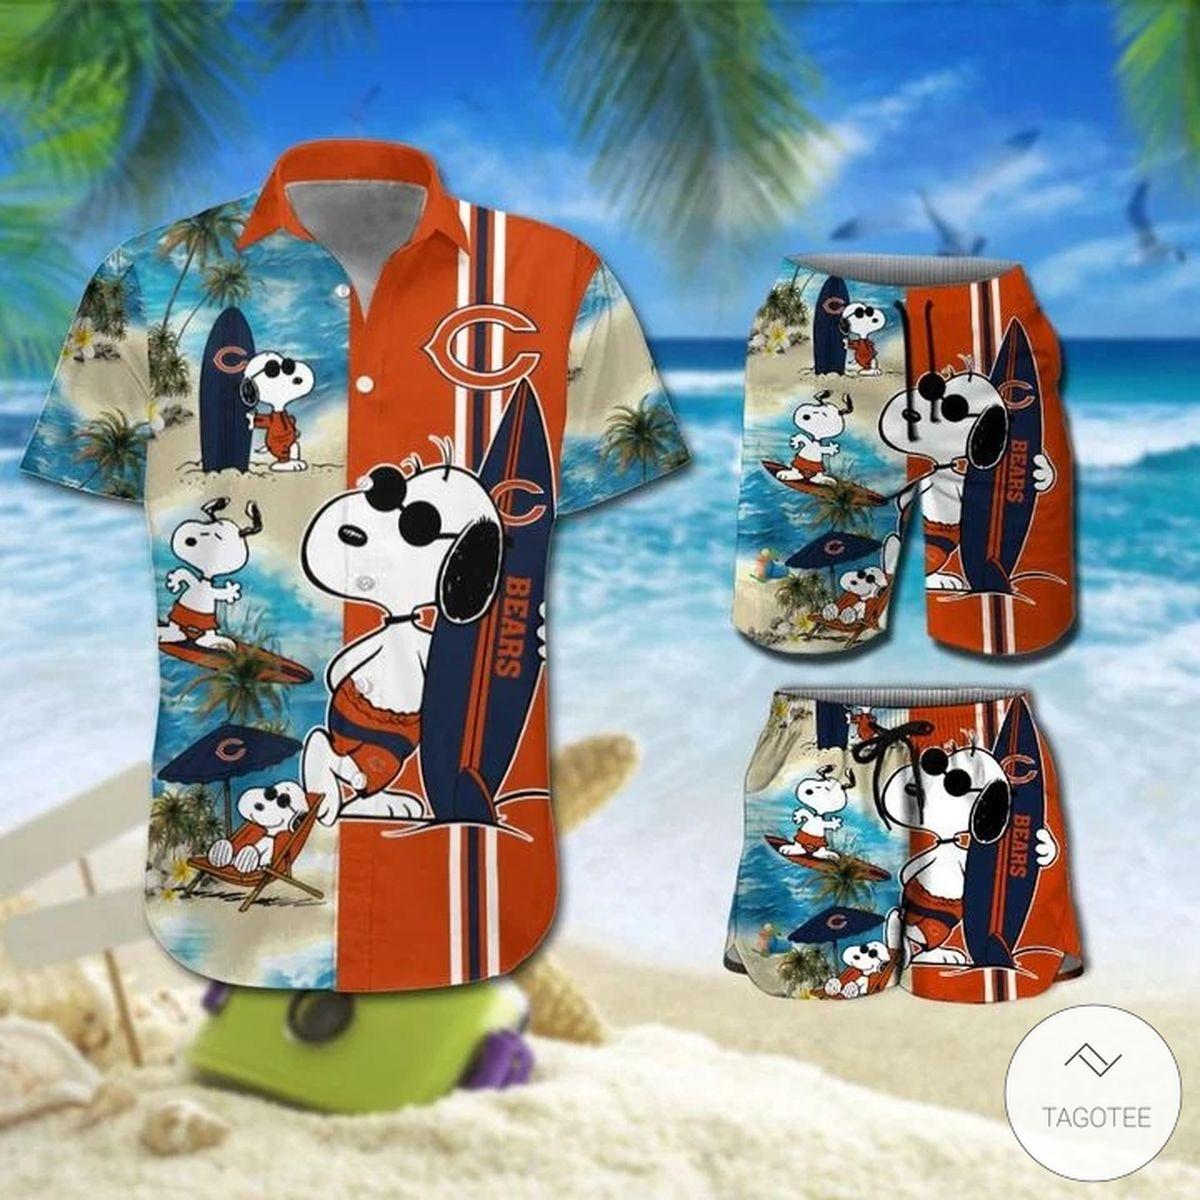 Snoopy And Chicago Bears Hawaiian Shirt, Beach Shorts